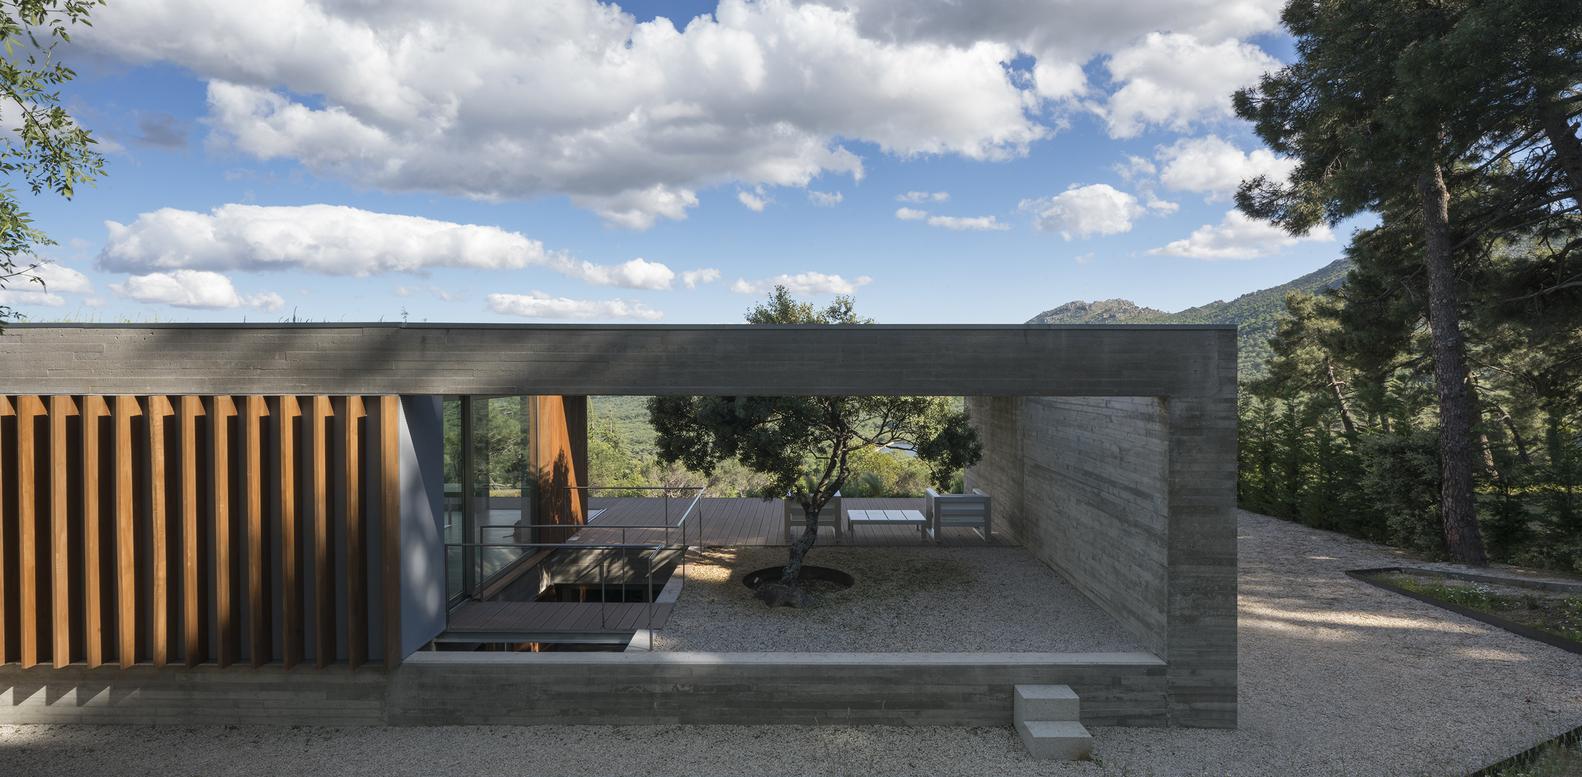 A casa vista do exterior